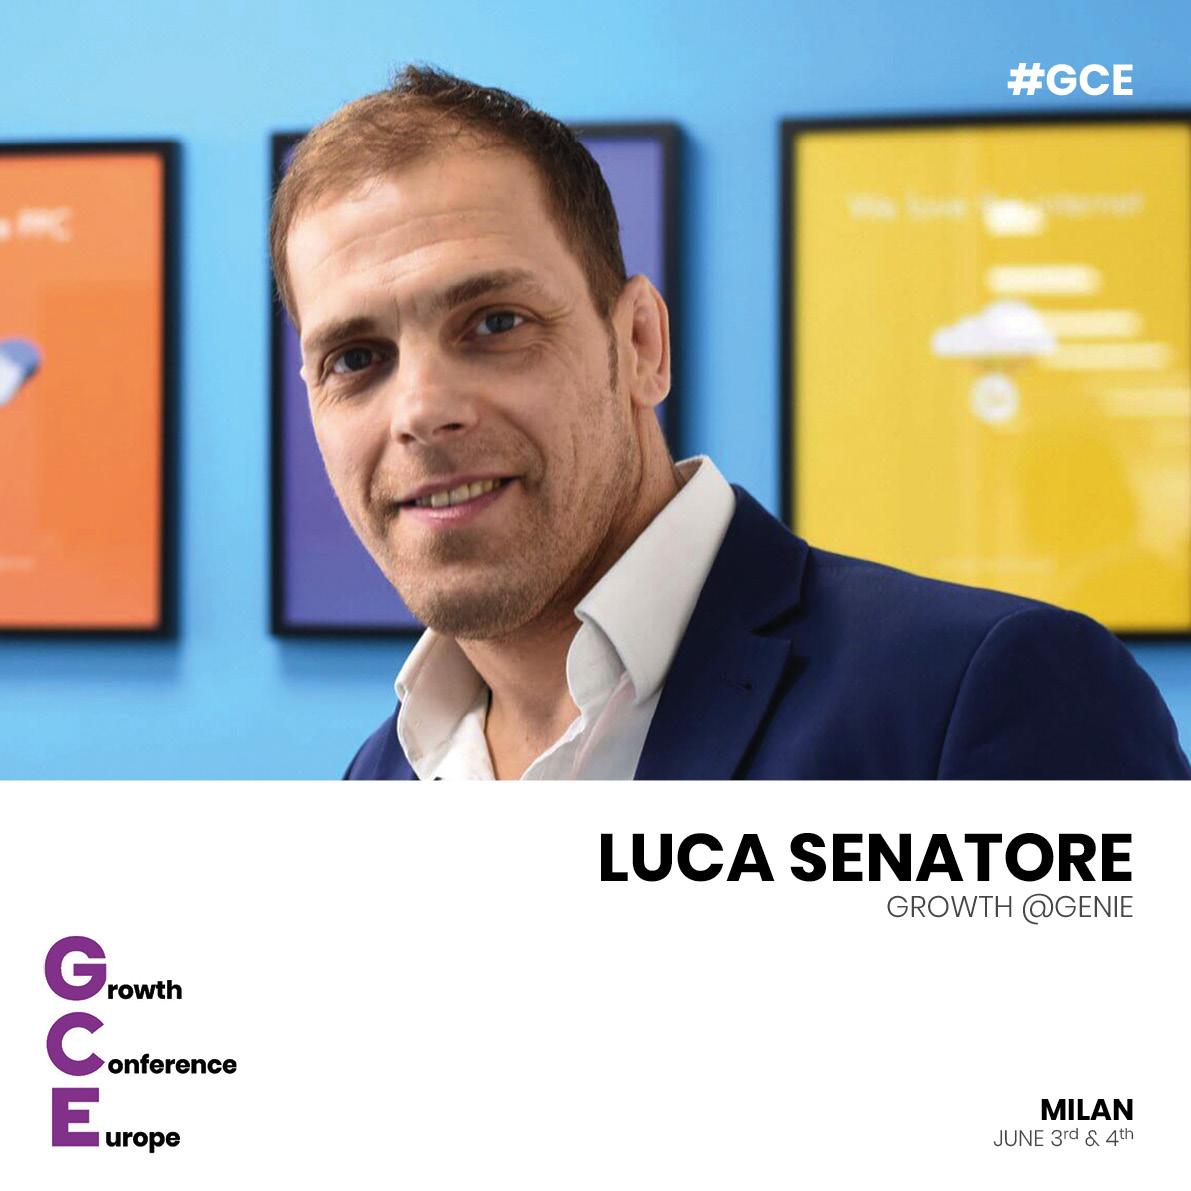 GCE_speaker16.jpg